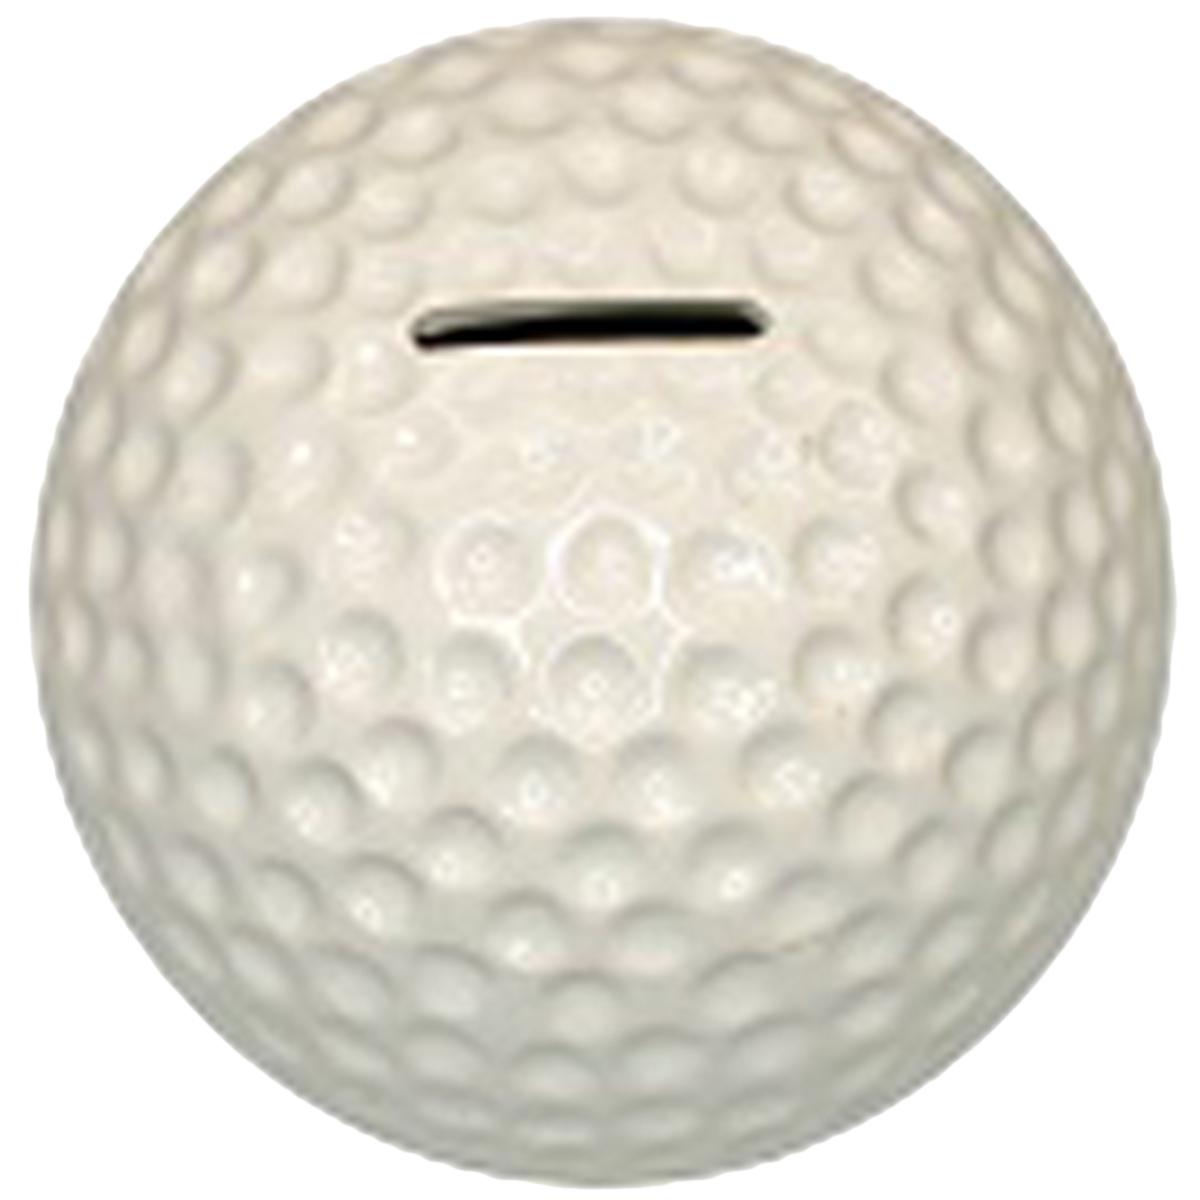 ゴルフボール貯金箱